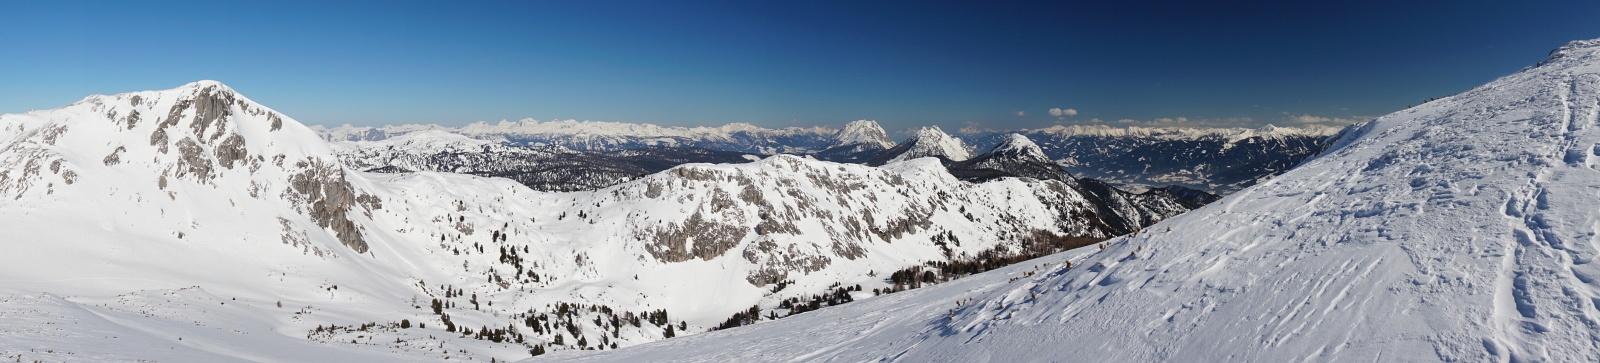 Ausblick von der Luserwand Richtung Osten (Links der Kleine Miesberg, rechts der Kufstein - dahinter Grimming, Kammspitz und Stoderzinken)